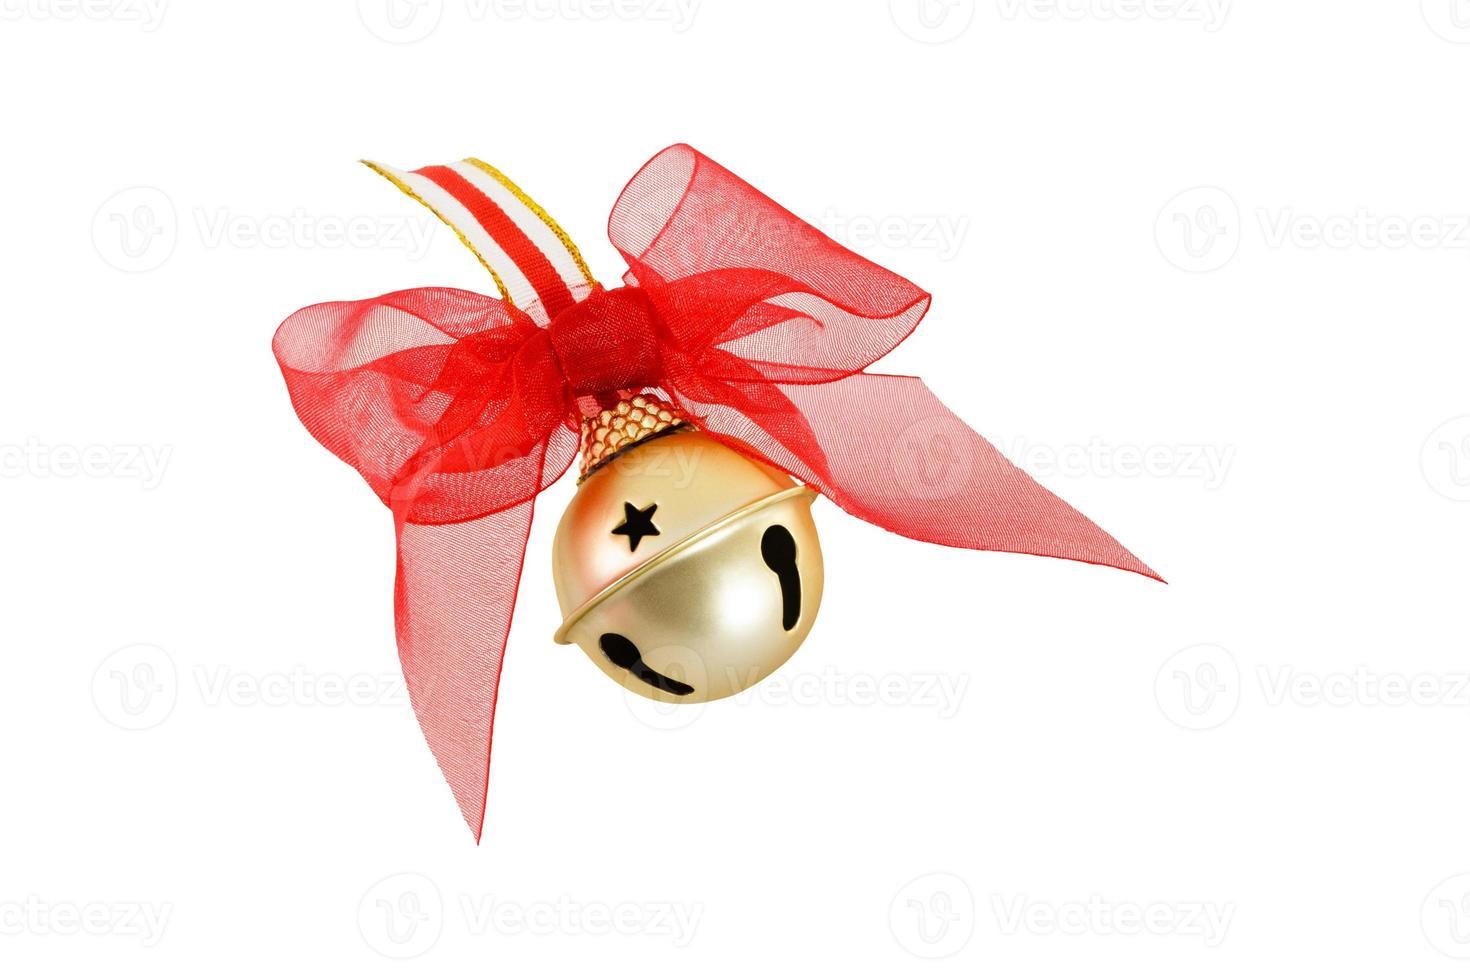 sino de Natal jingle ouro com laço vermelho foto